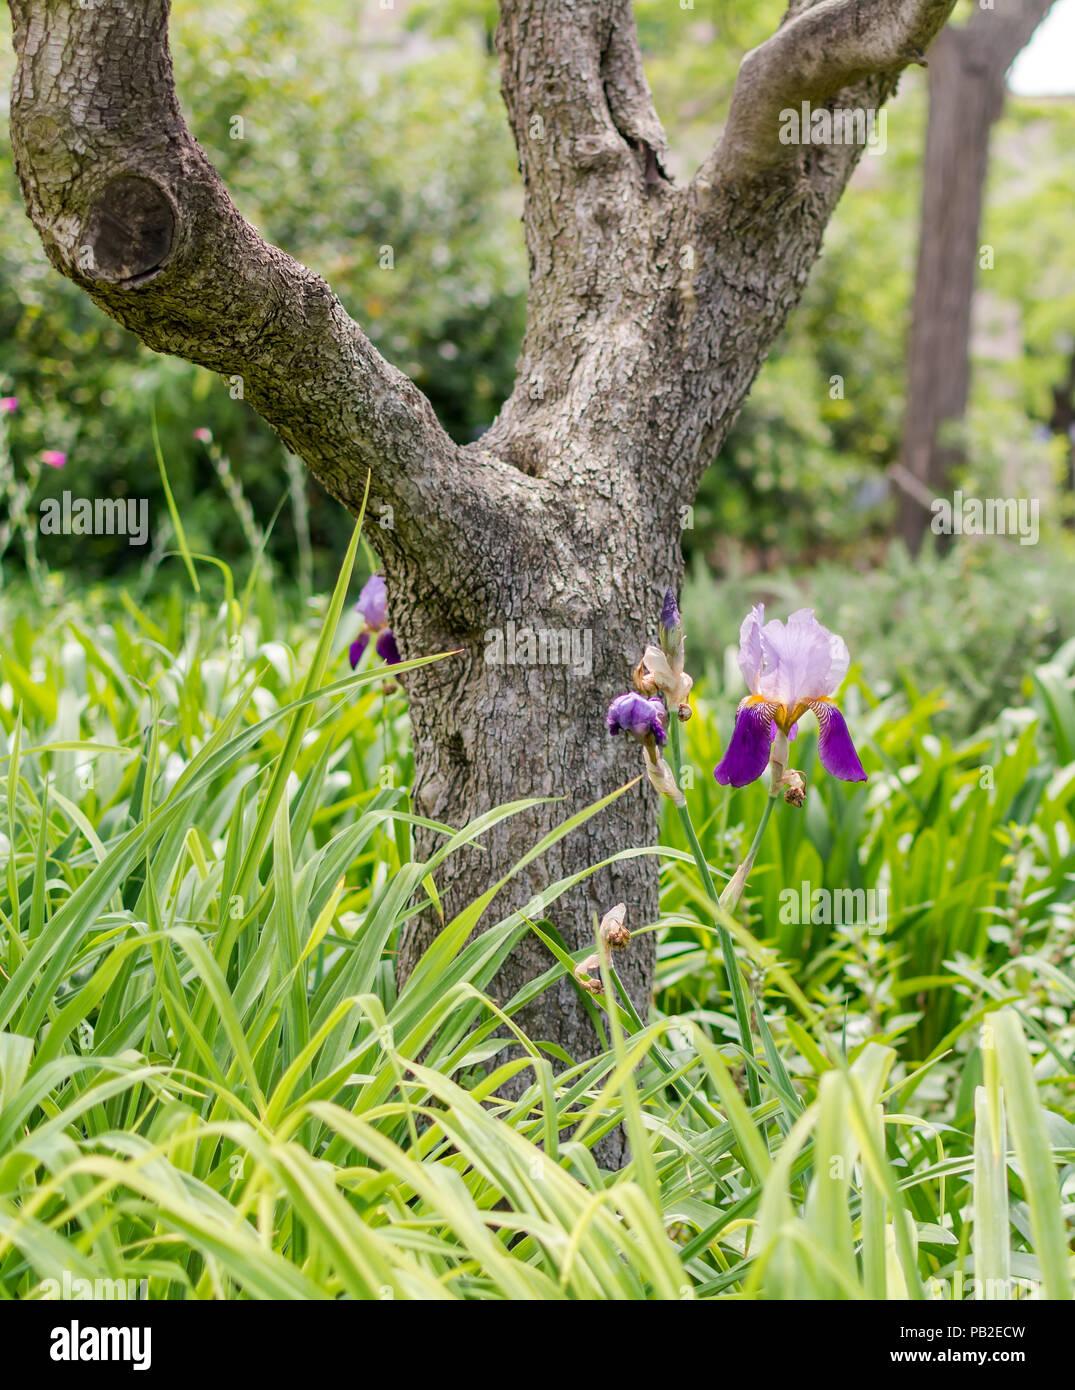 Flora Goddess Of Spring Stock Photos Flora Goddess Of Spring Stock